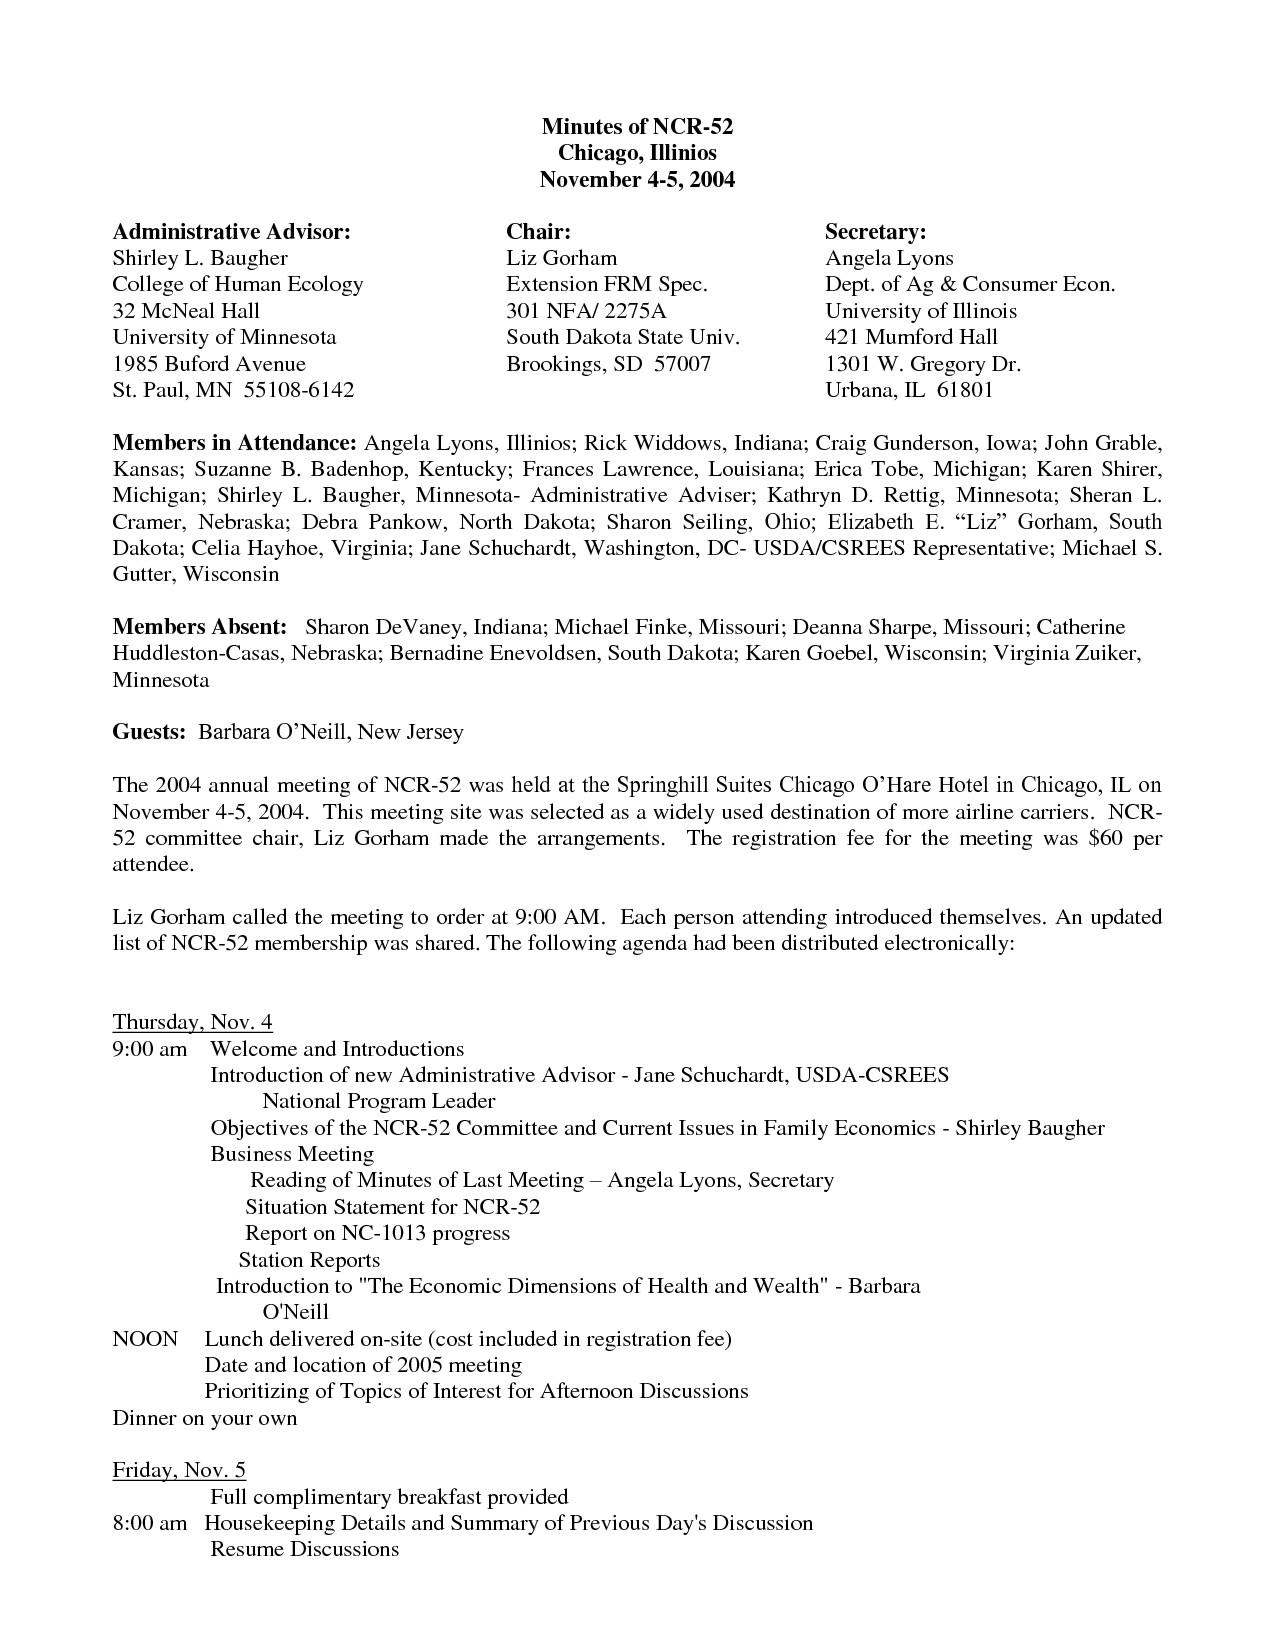 caregiver resume description